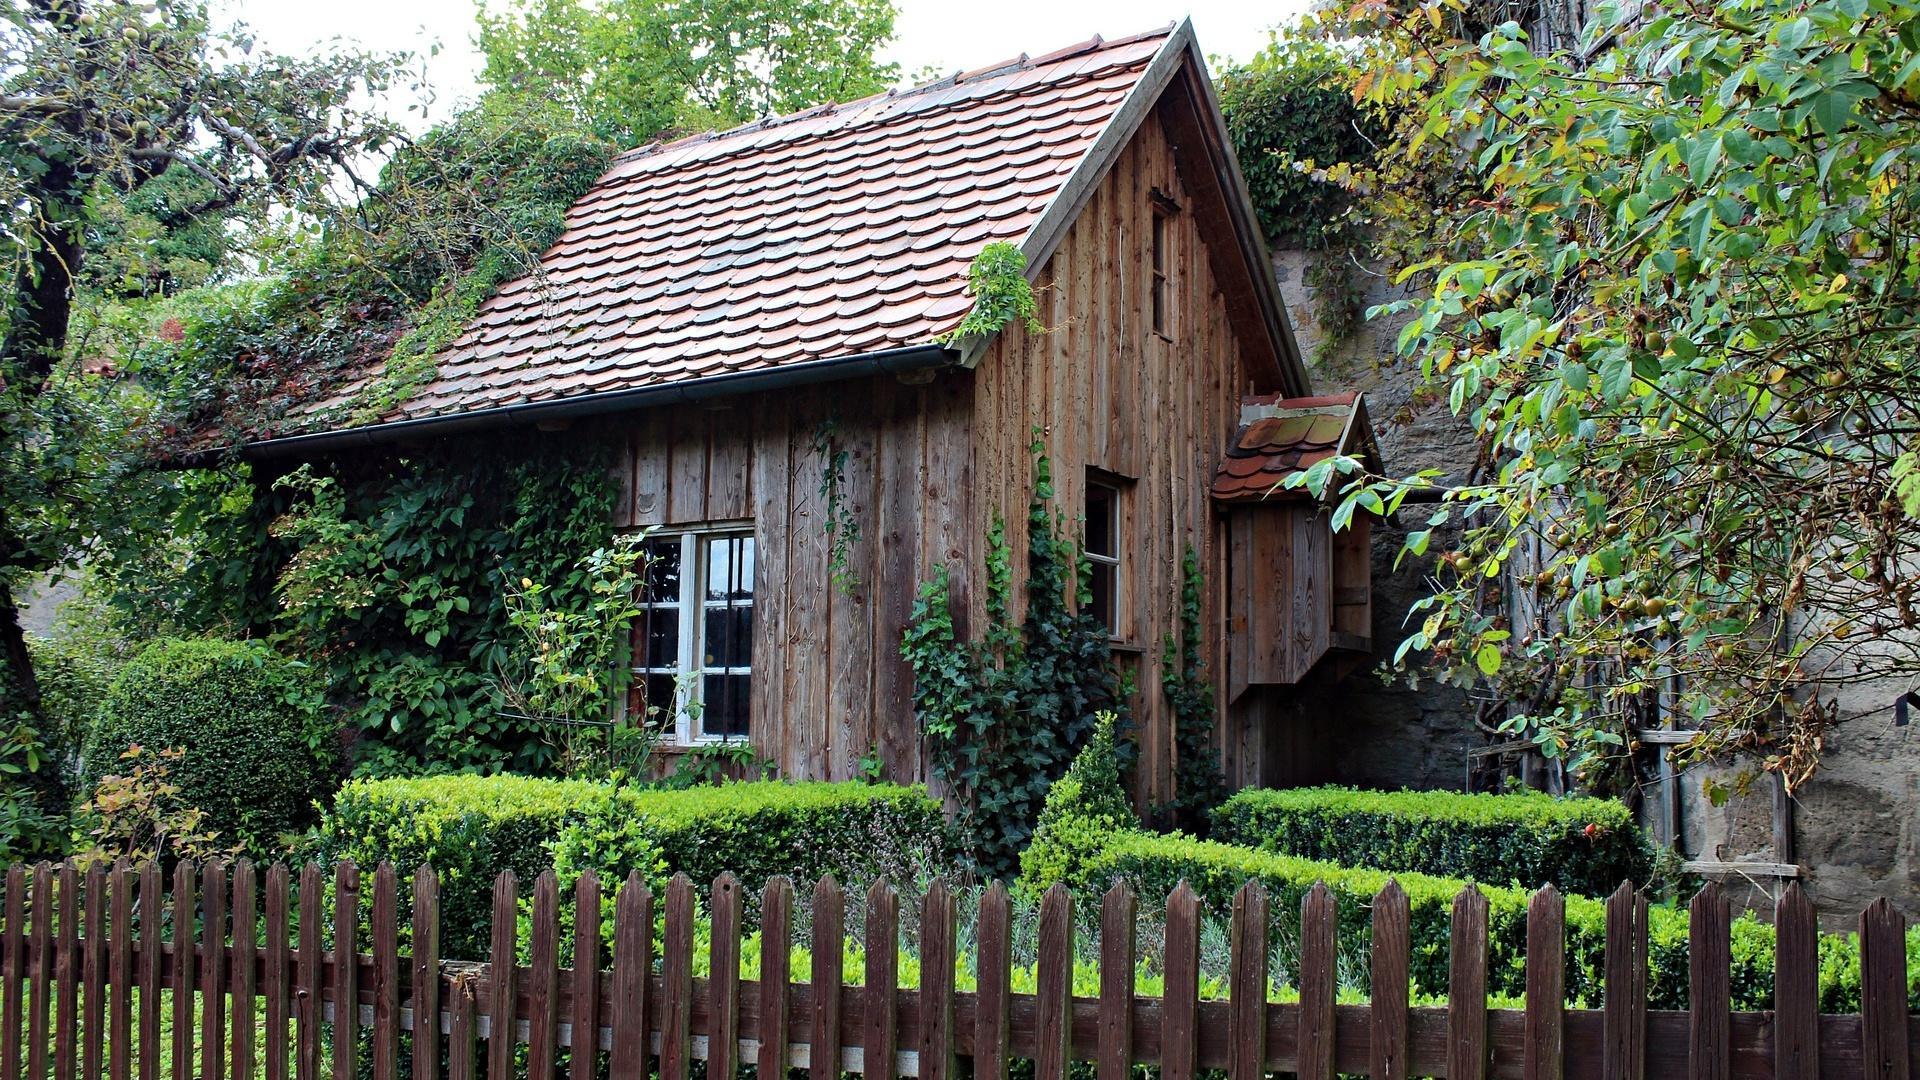 Ihr Gartenhaus sollten Sie gut imprägnieren, damit es eine lange Lebensdauer aufweist.